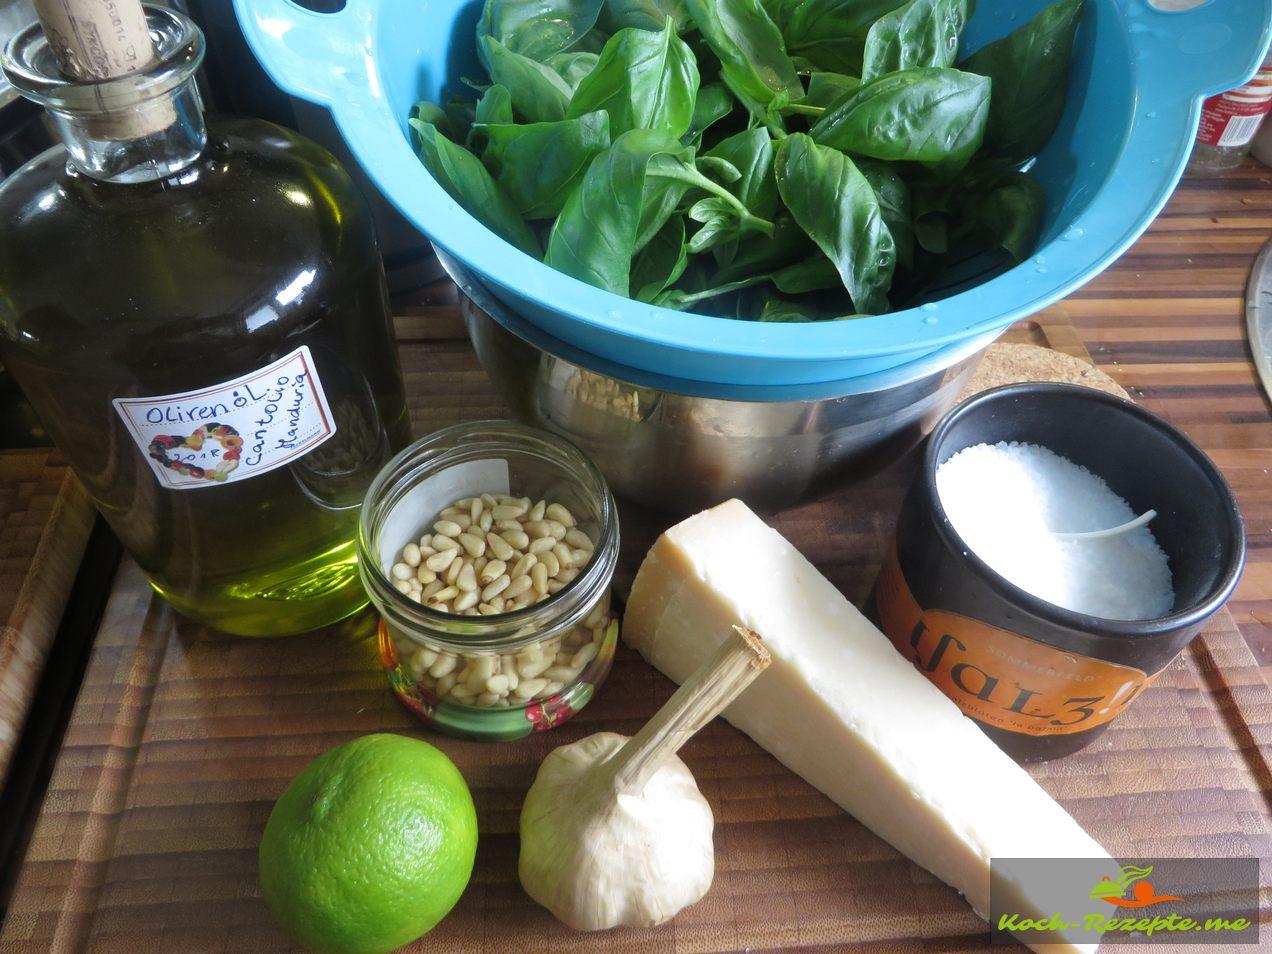 Zutaten für Basilikum Pesto Basilikum, Knoblauch, Pinienkerne, Salz, Natives Olivenöl und Parmesan-Käse kalt hergestellt.